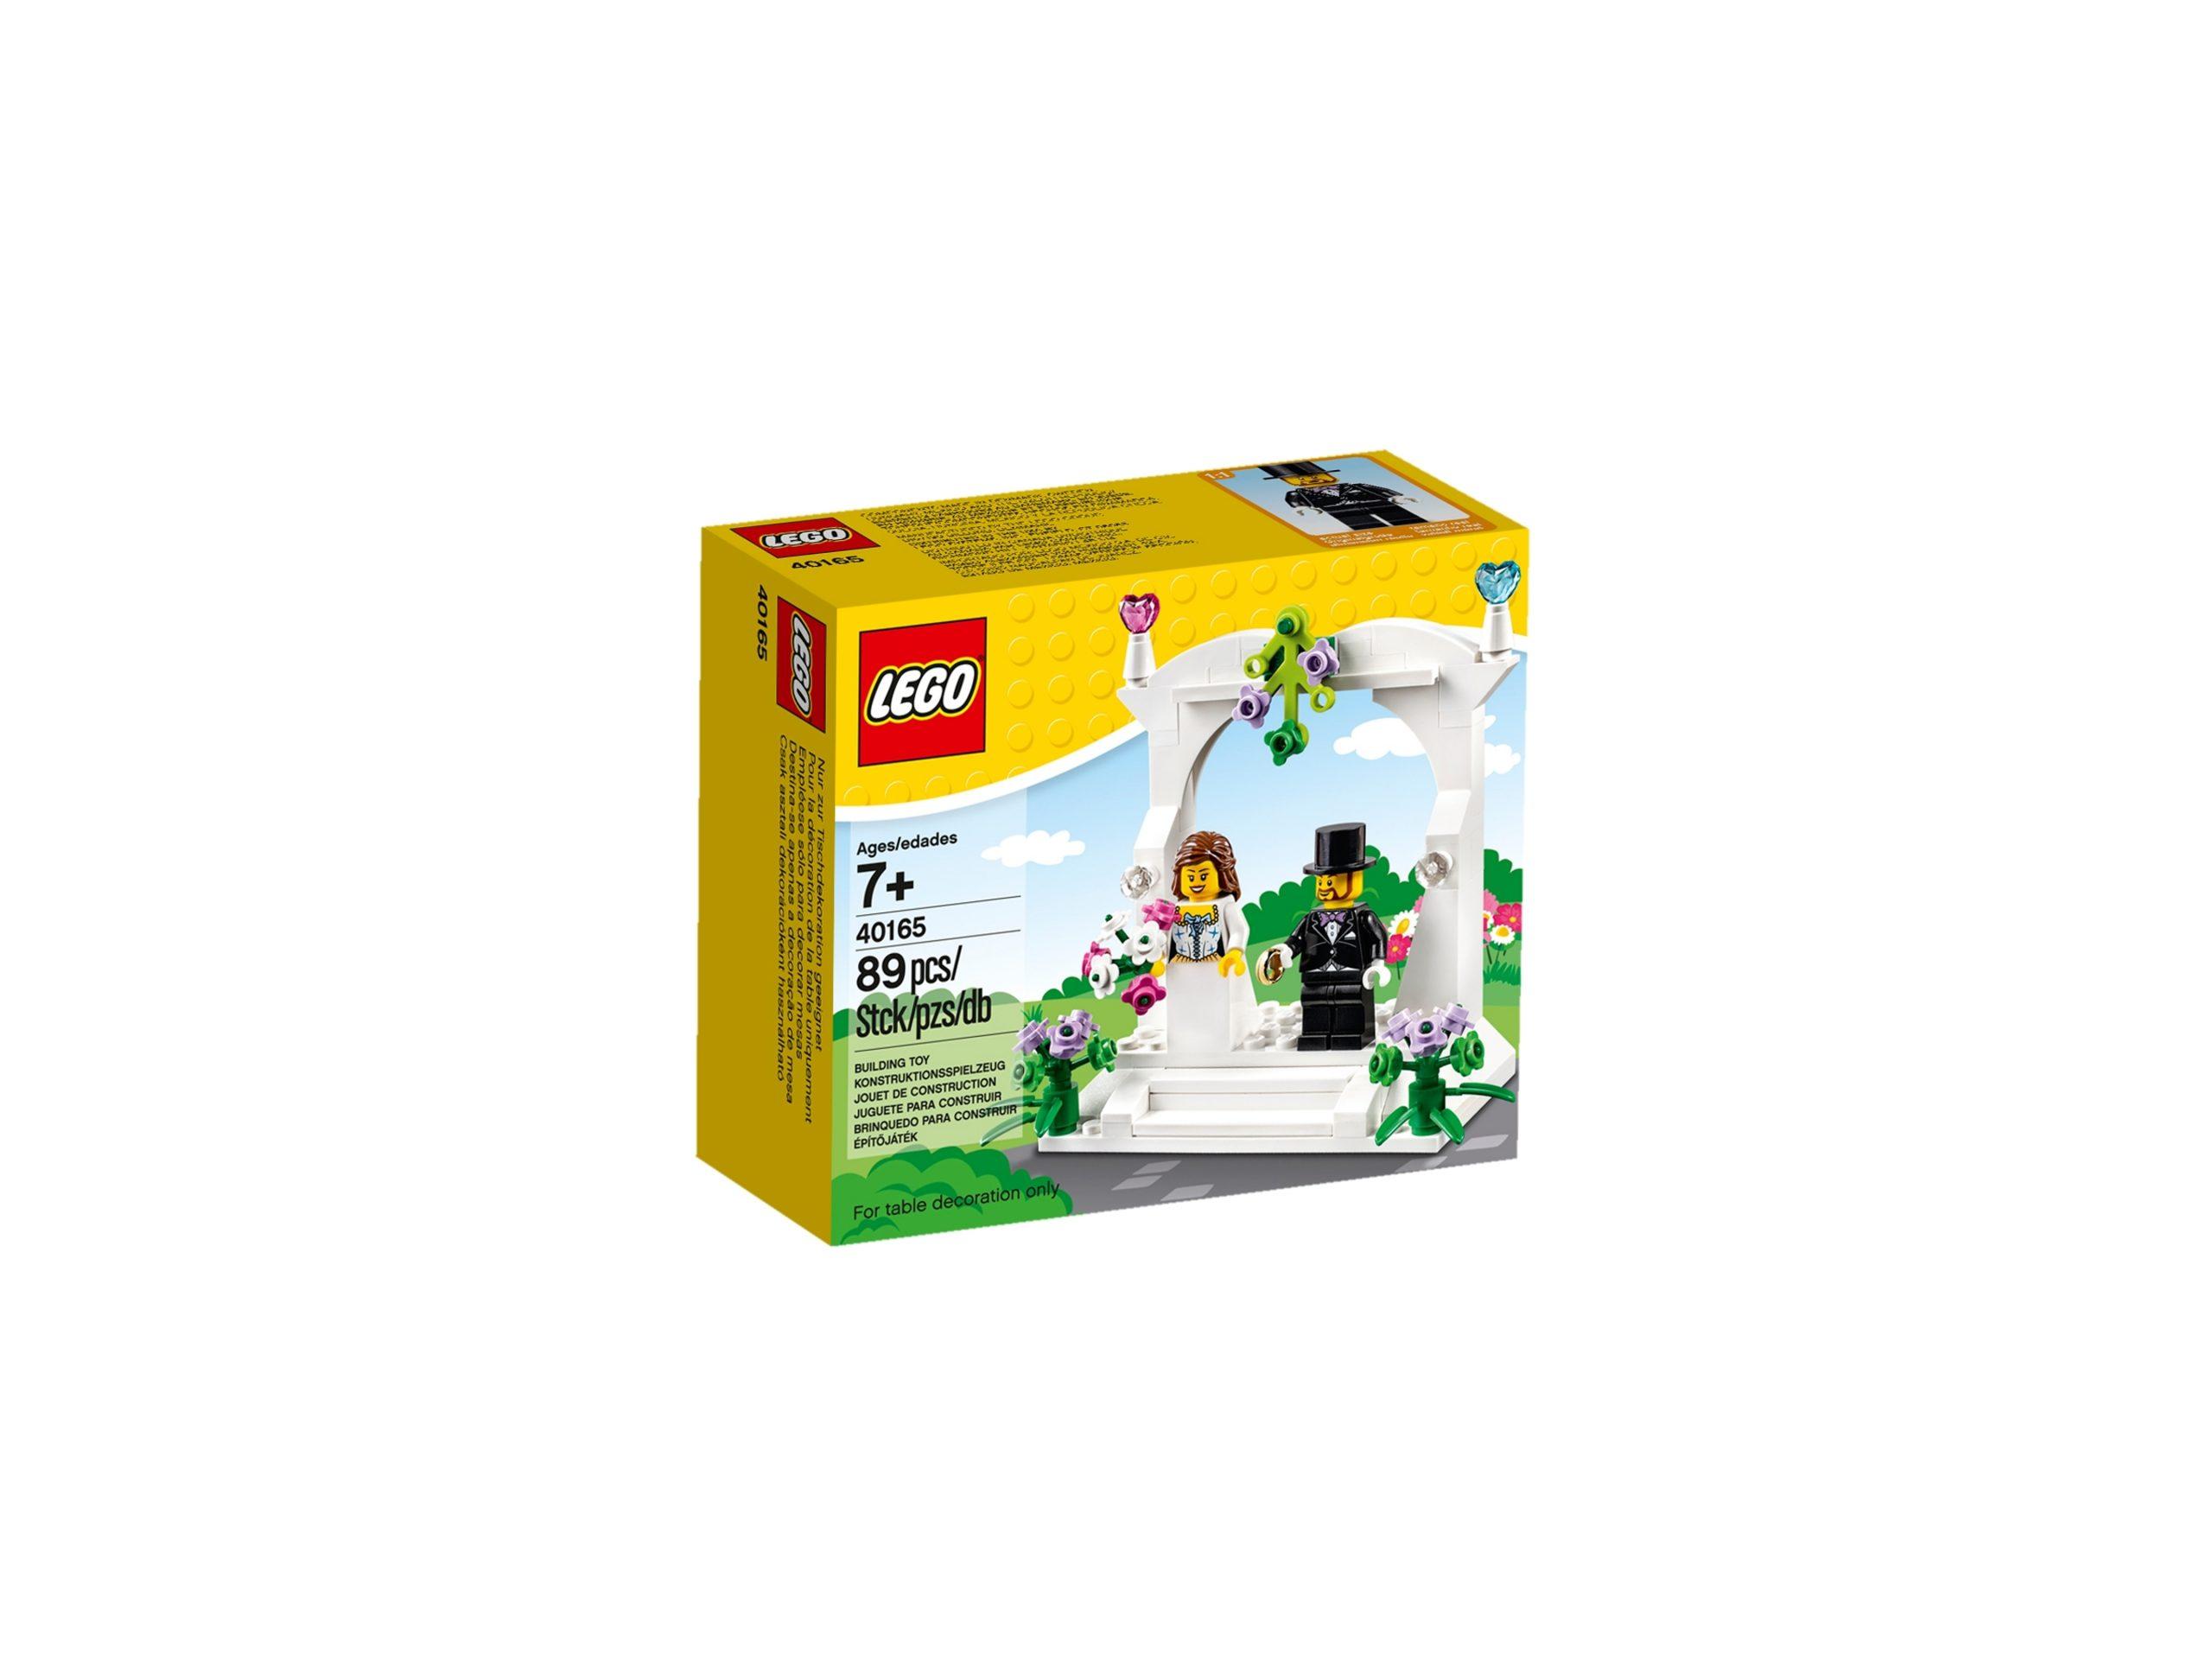 bomboniera lego 40165 scaled